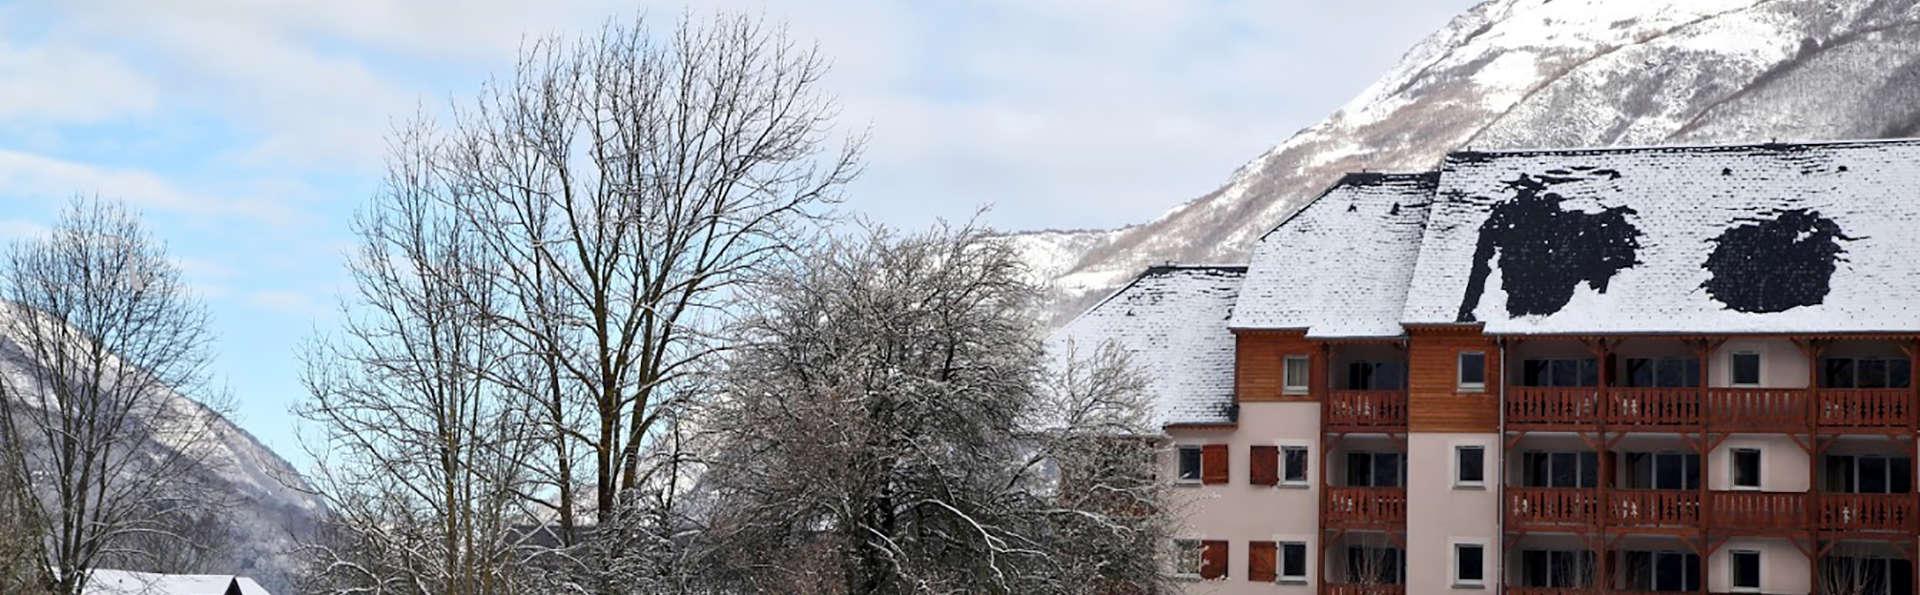 Domaine du Val de Roland - EDIT_NEW_FRONT4.jpg